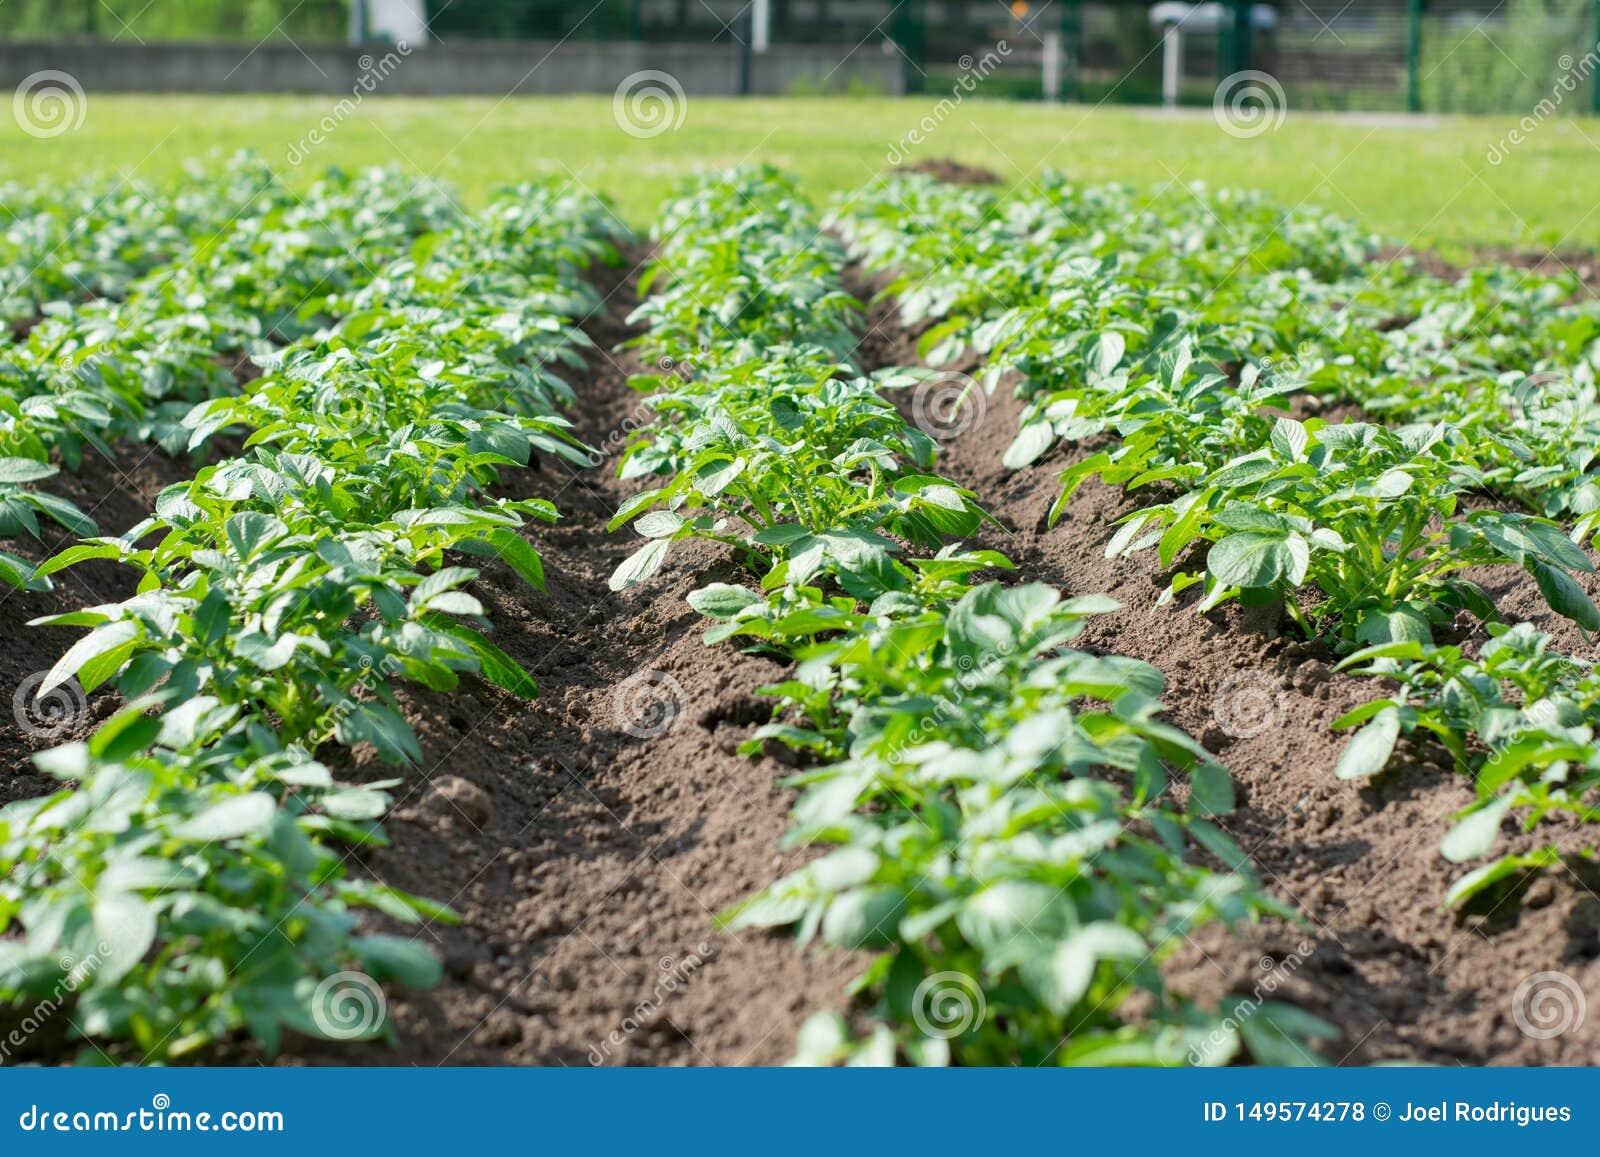 Rijen van groene doorbladerde groente op een gebied